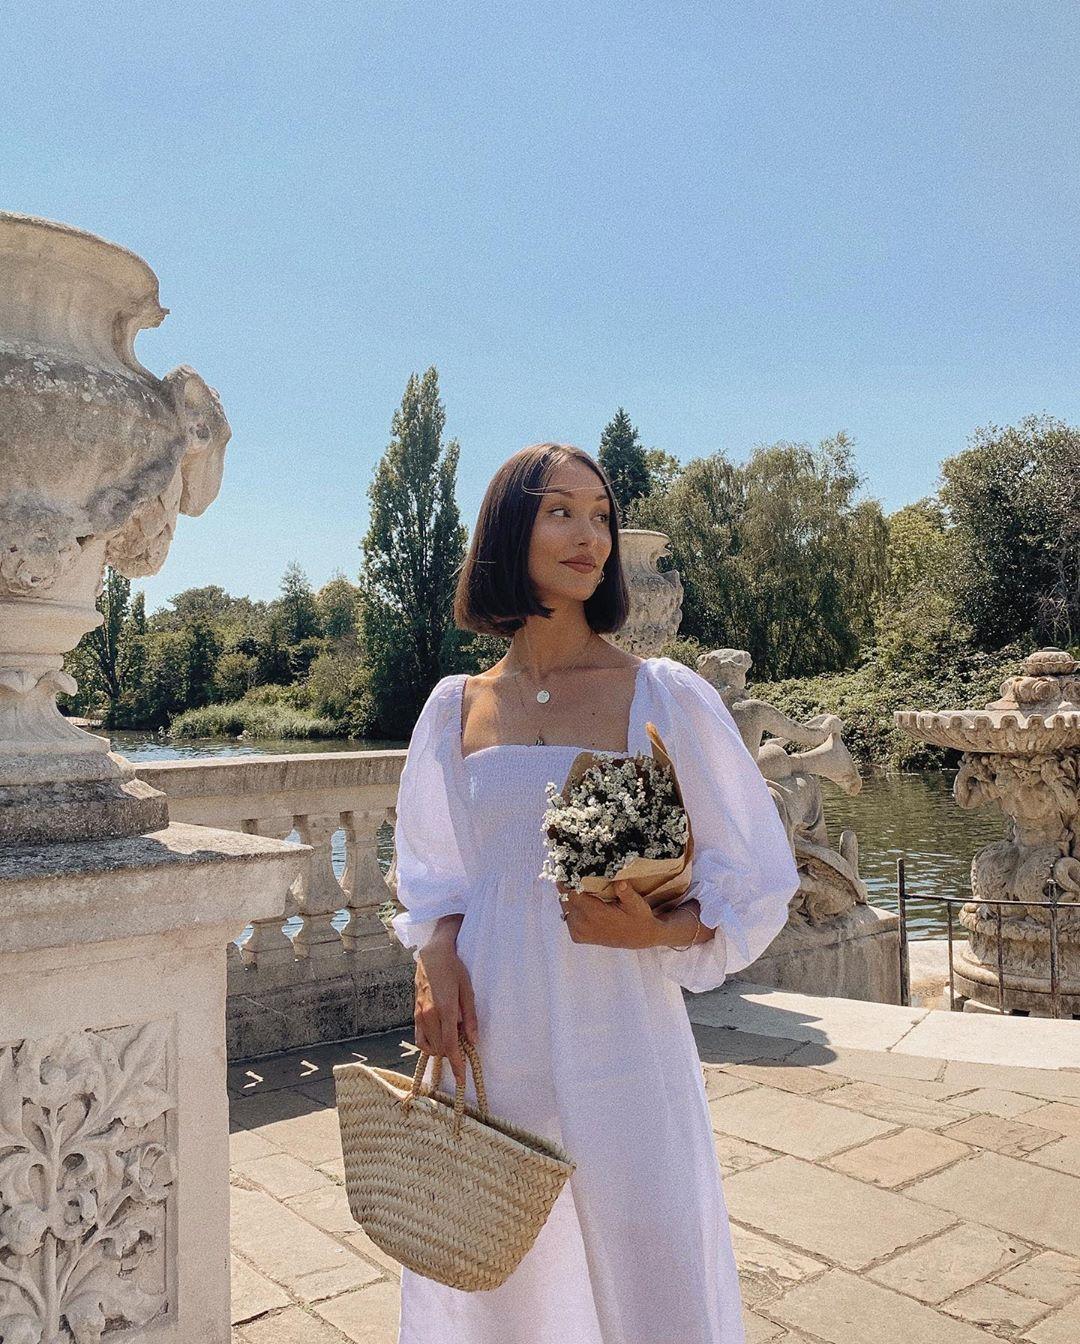 cô gái mặc váy trắng đeo túi cói